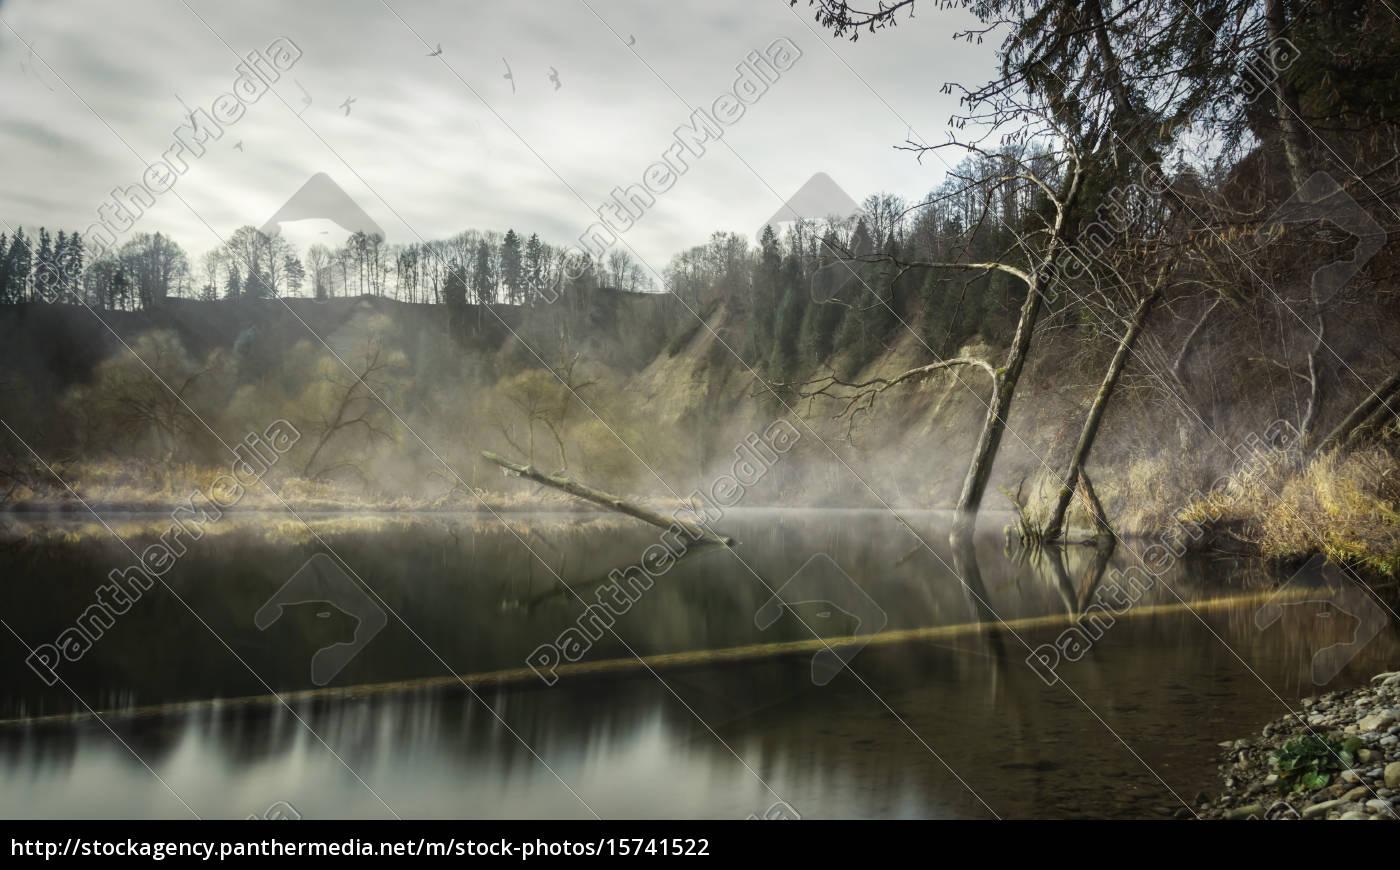 paisagem, mística, na, água - 15741522